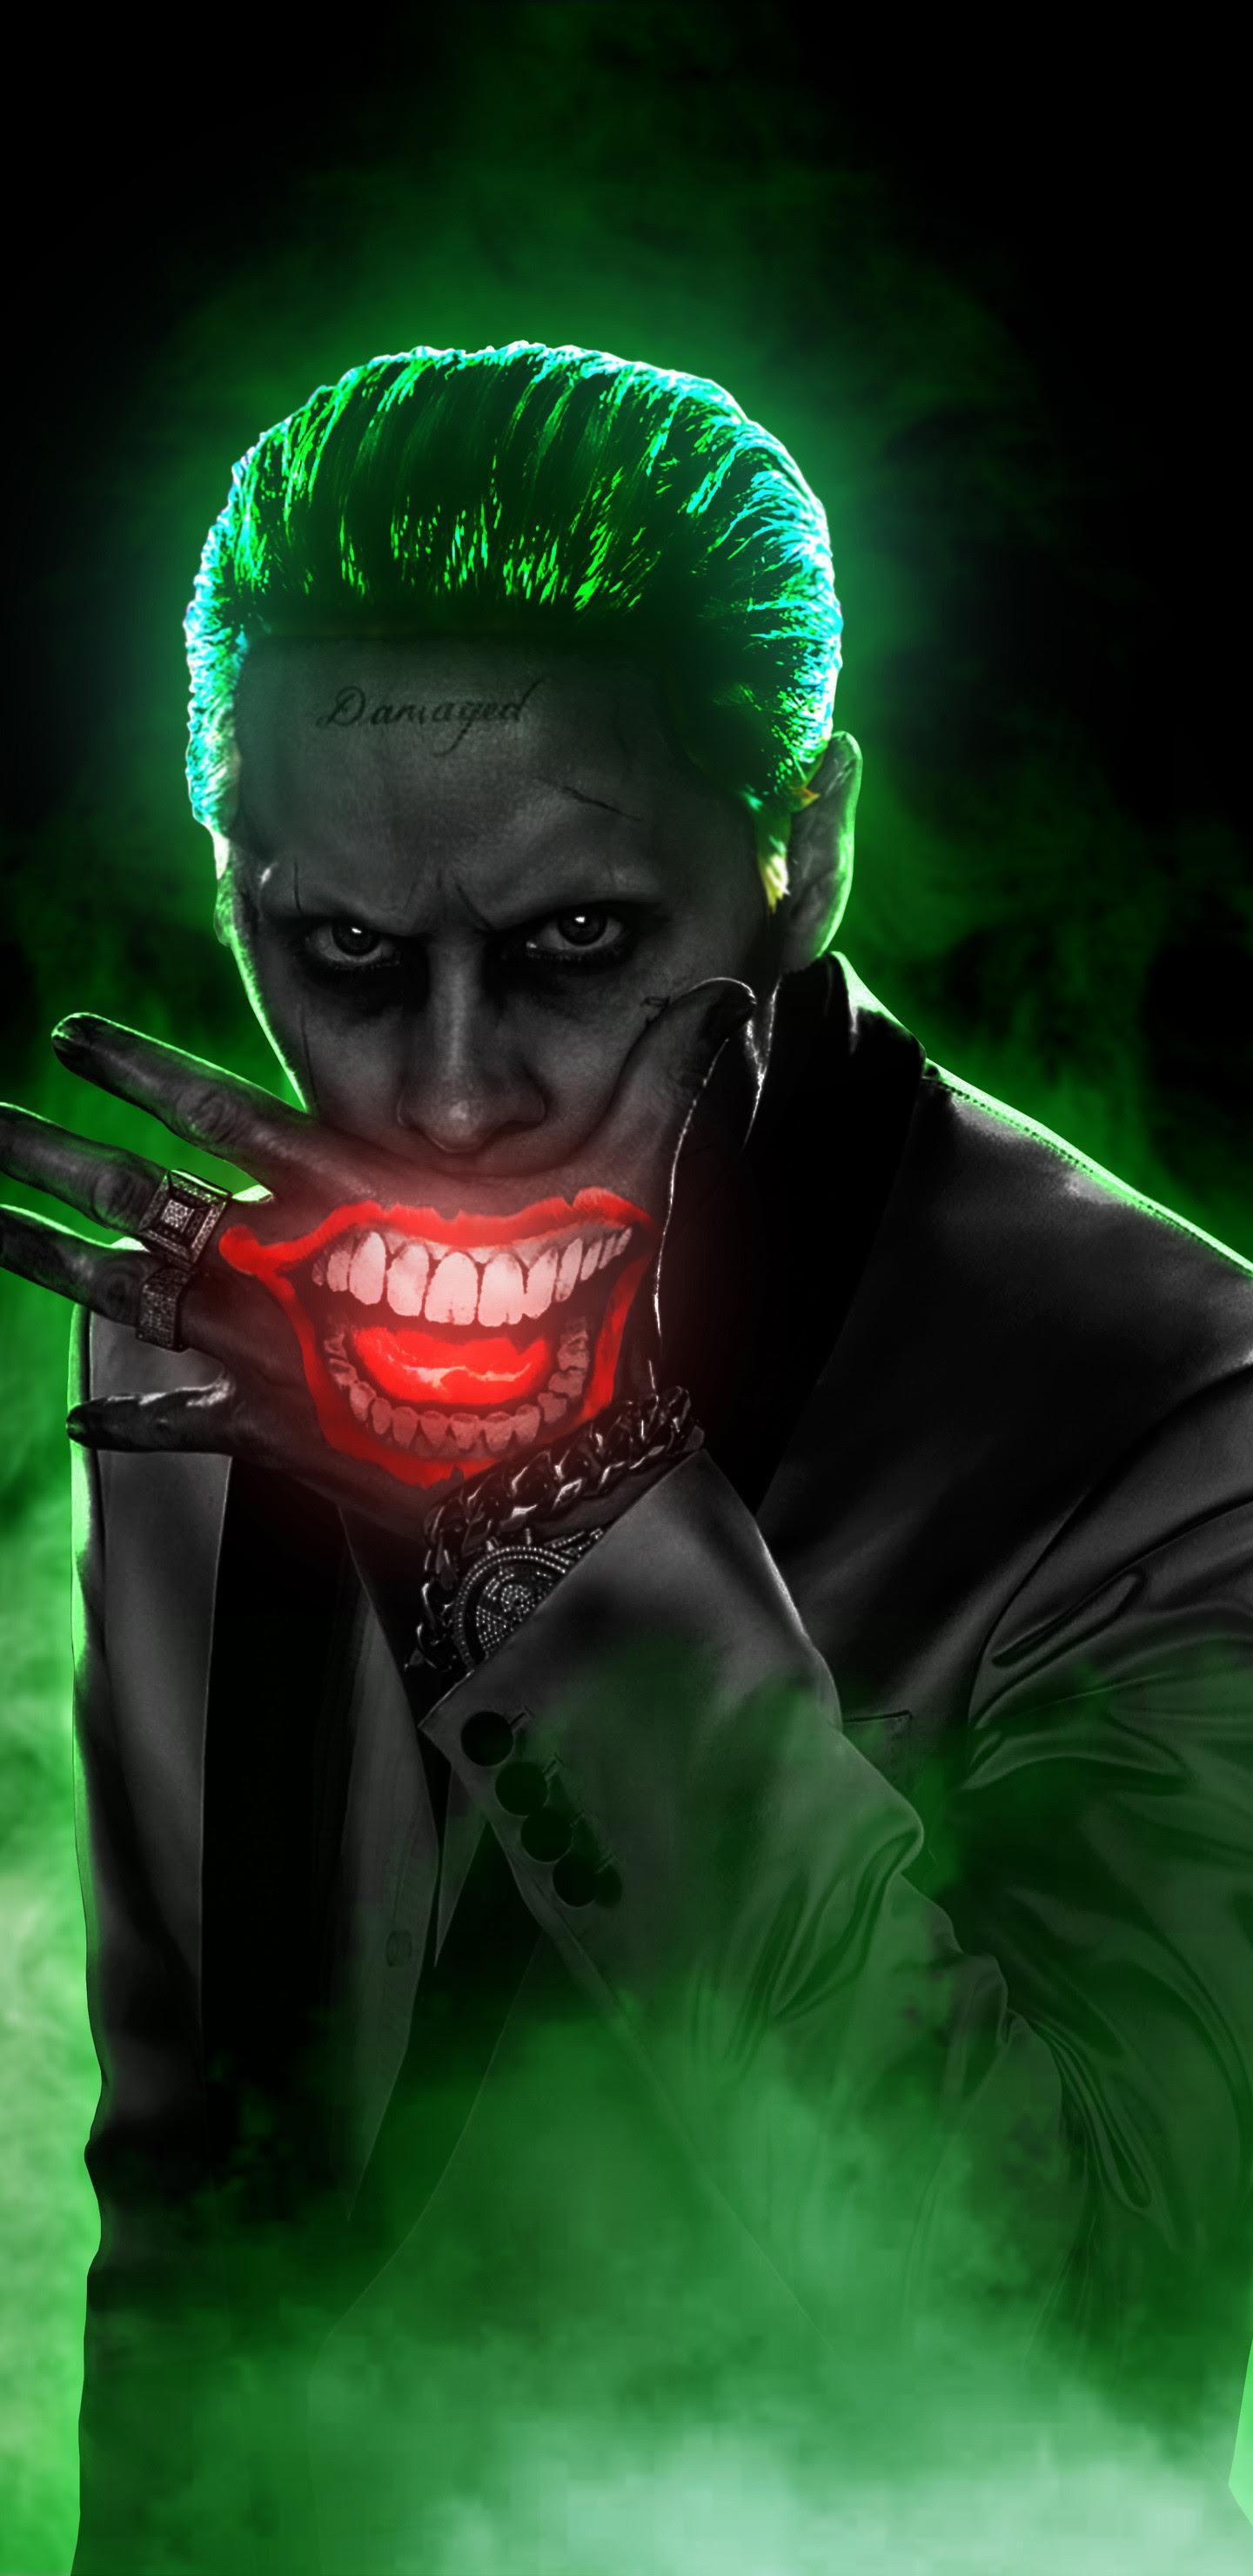 Joker Wallpaper For Mobile Hd Artistic Joyful